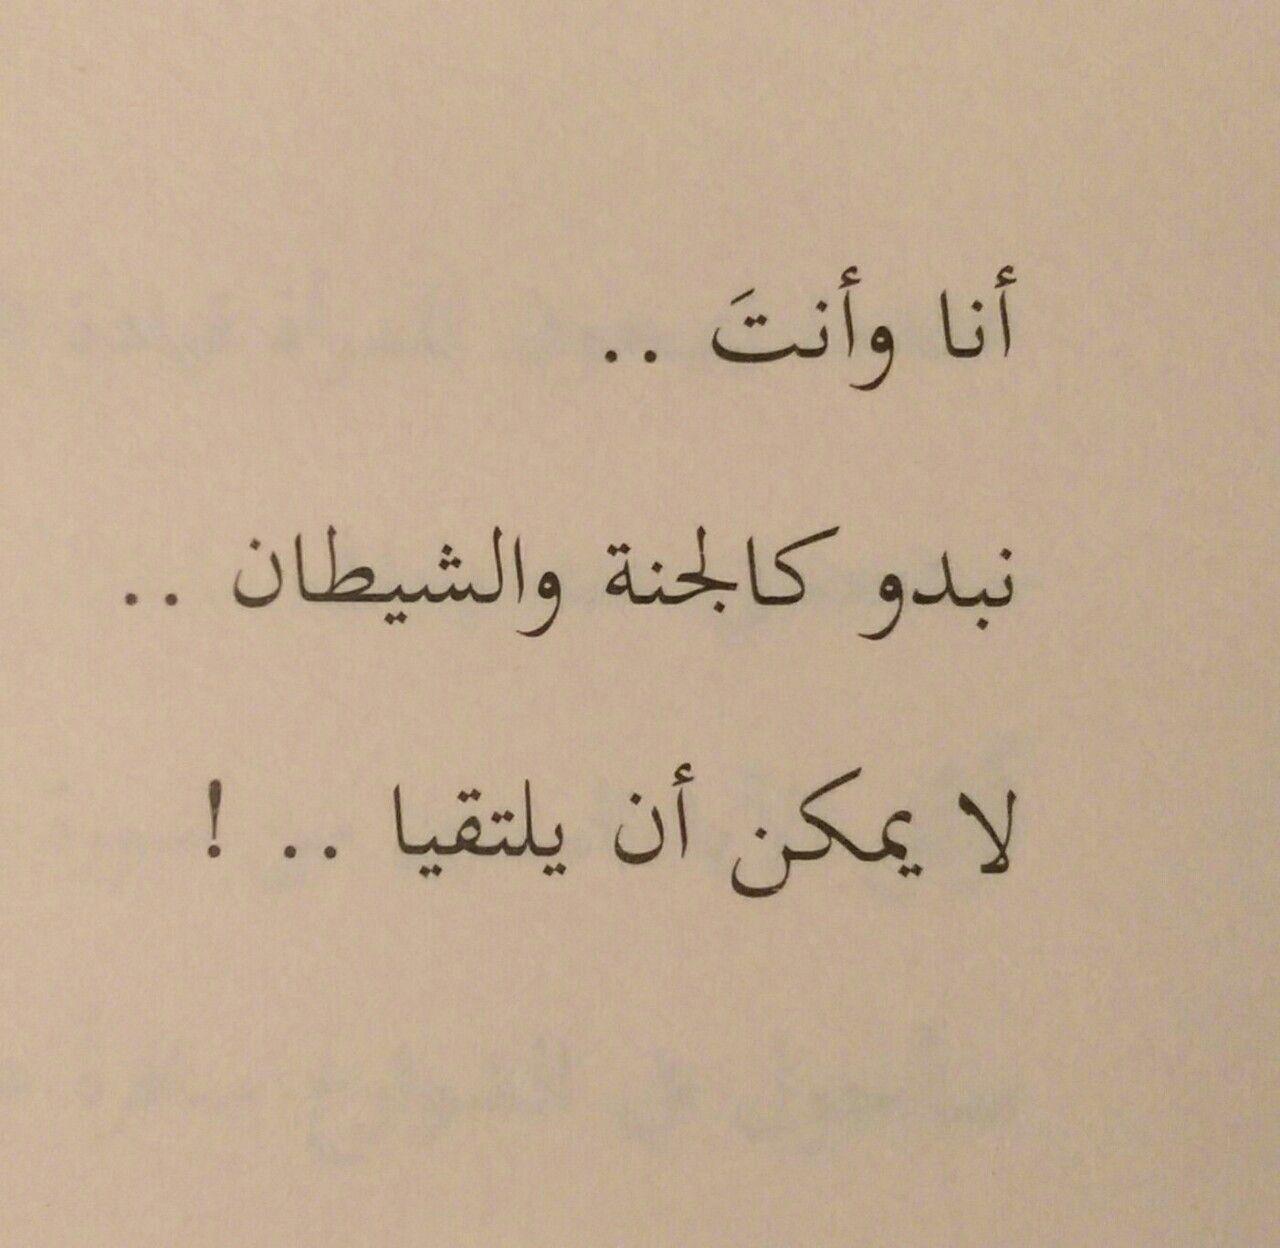 قصص قصه كلمات عبارات خواطر Arabic Calligraphy Quotes Calligraphy